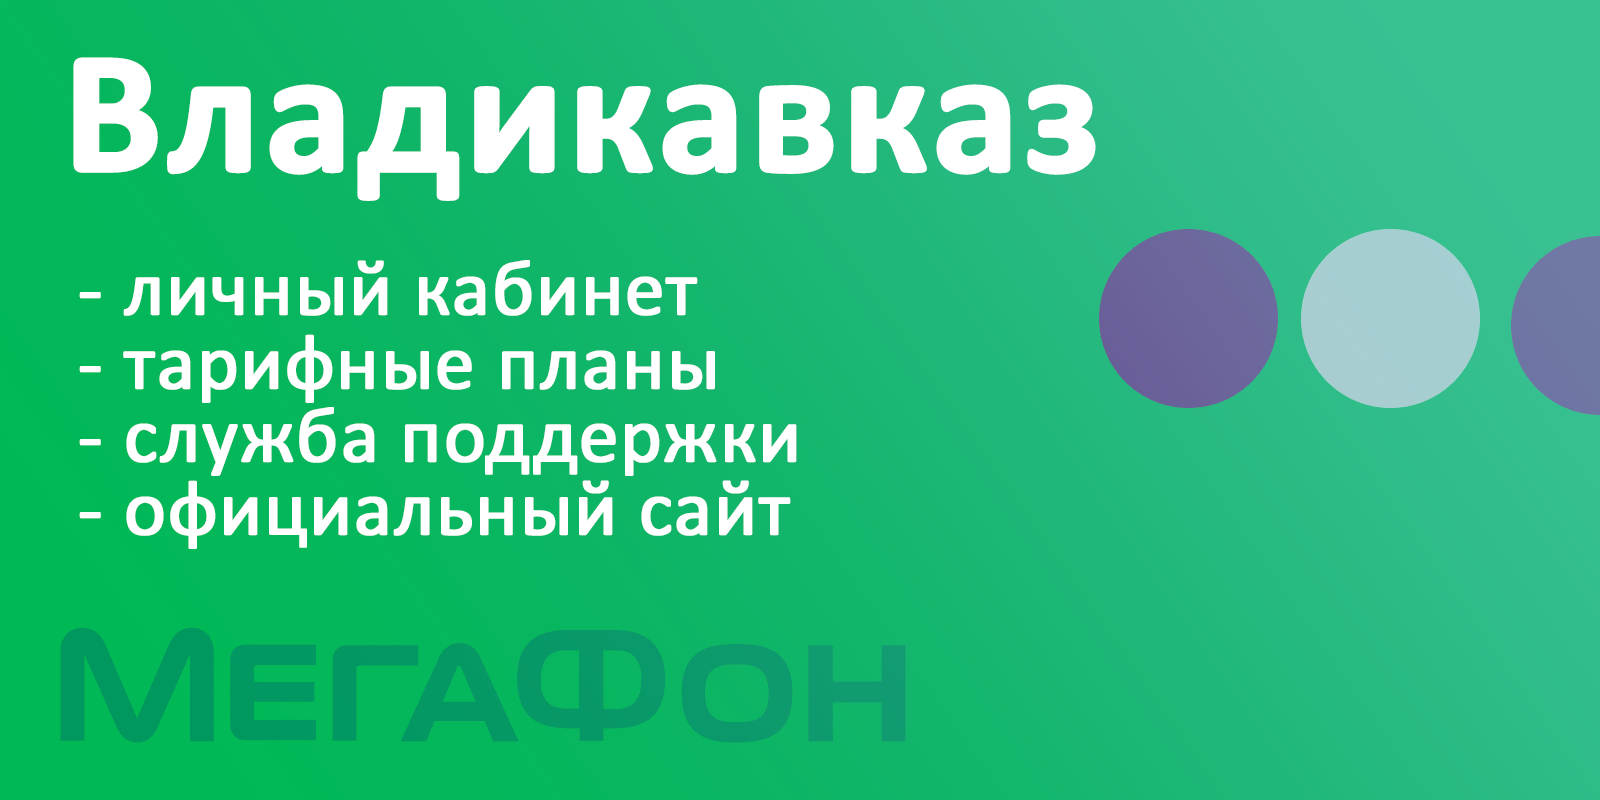 Мегафон во Владикавказе - тарифы, официальный сайт, личный кабинет